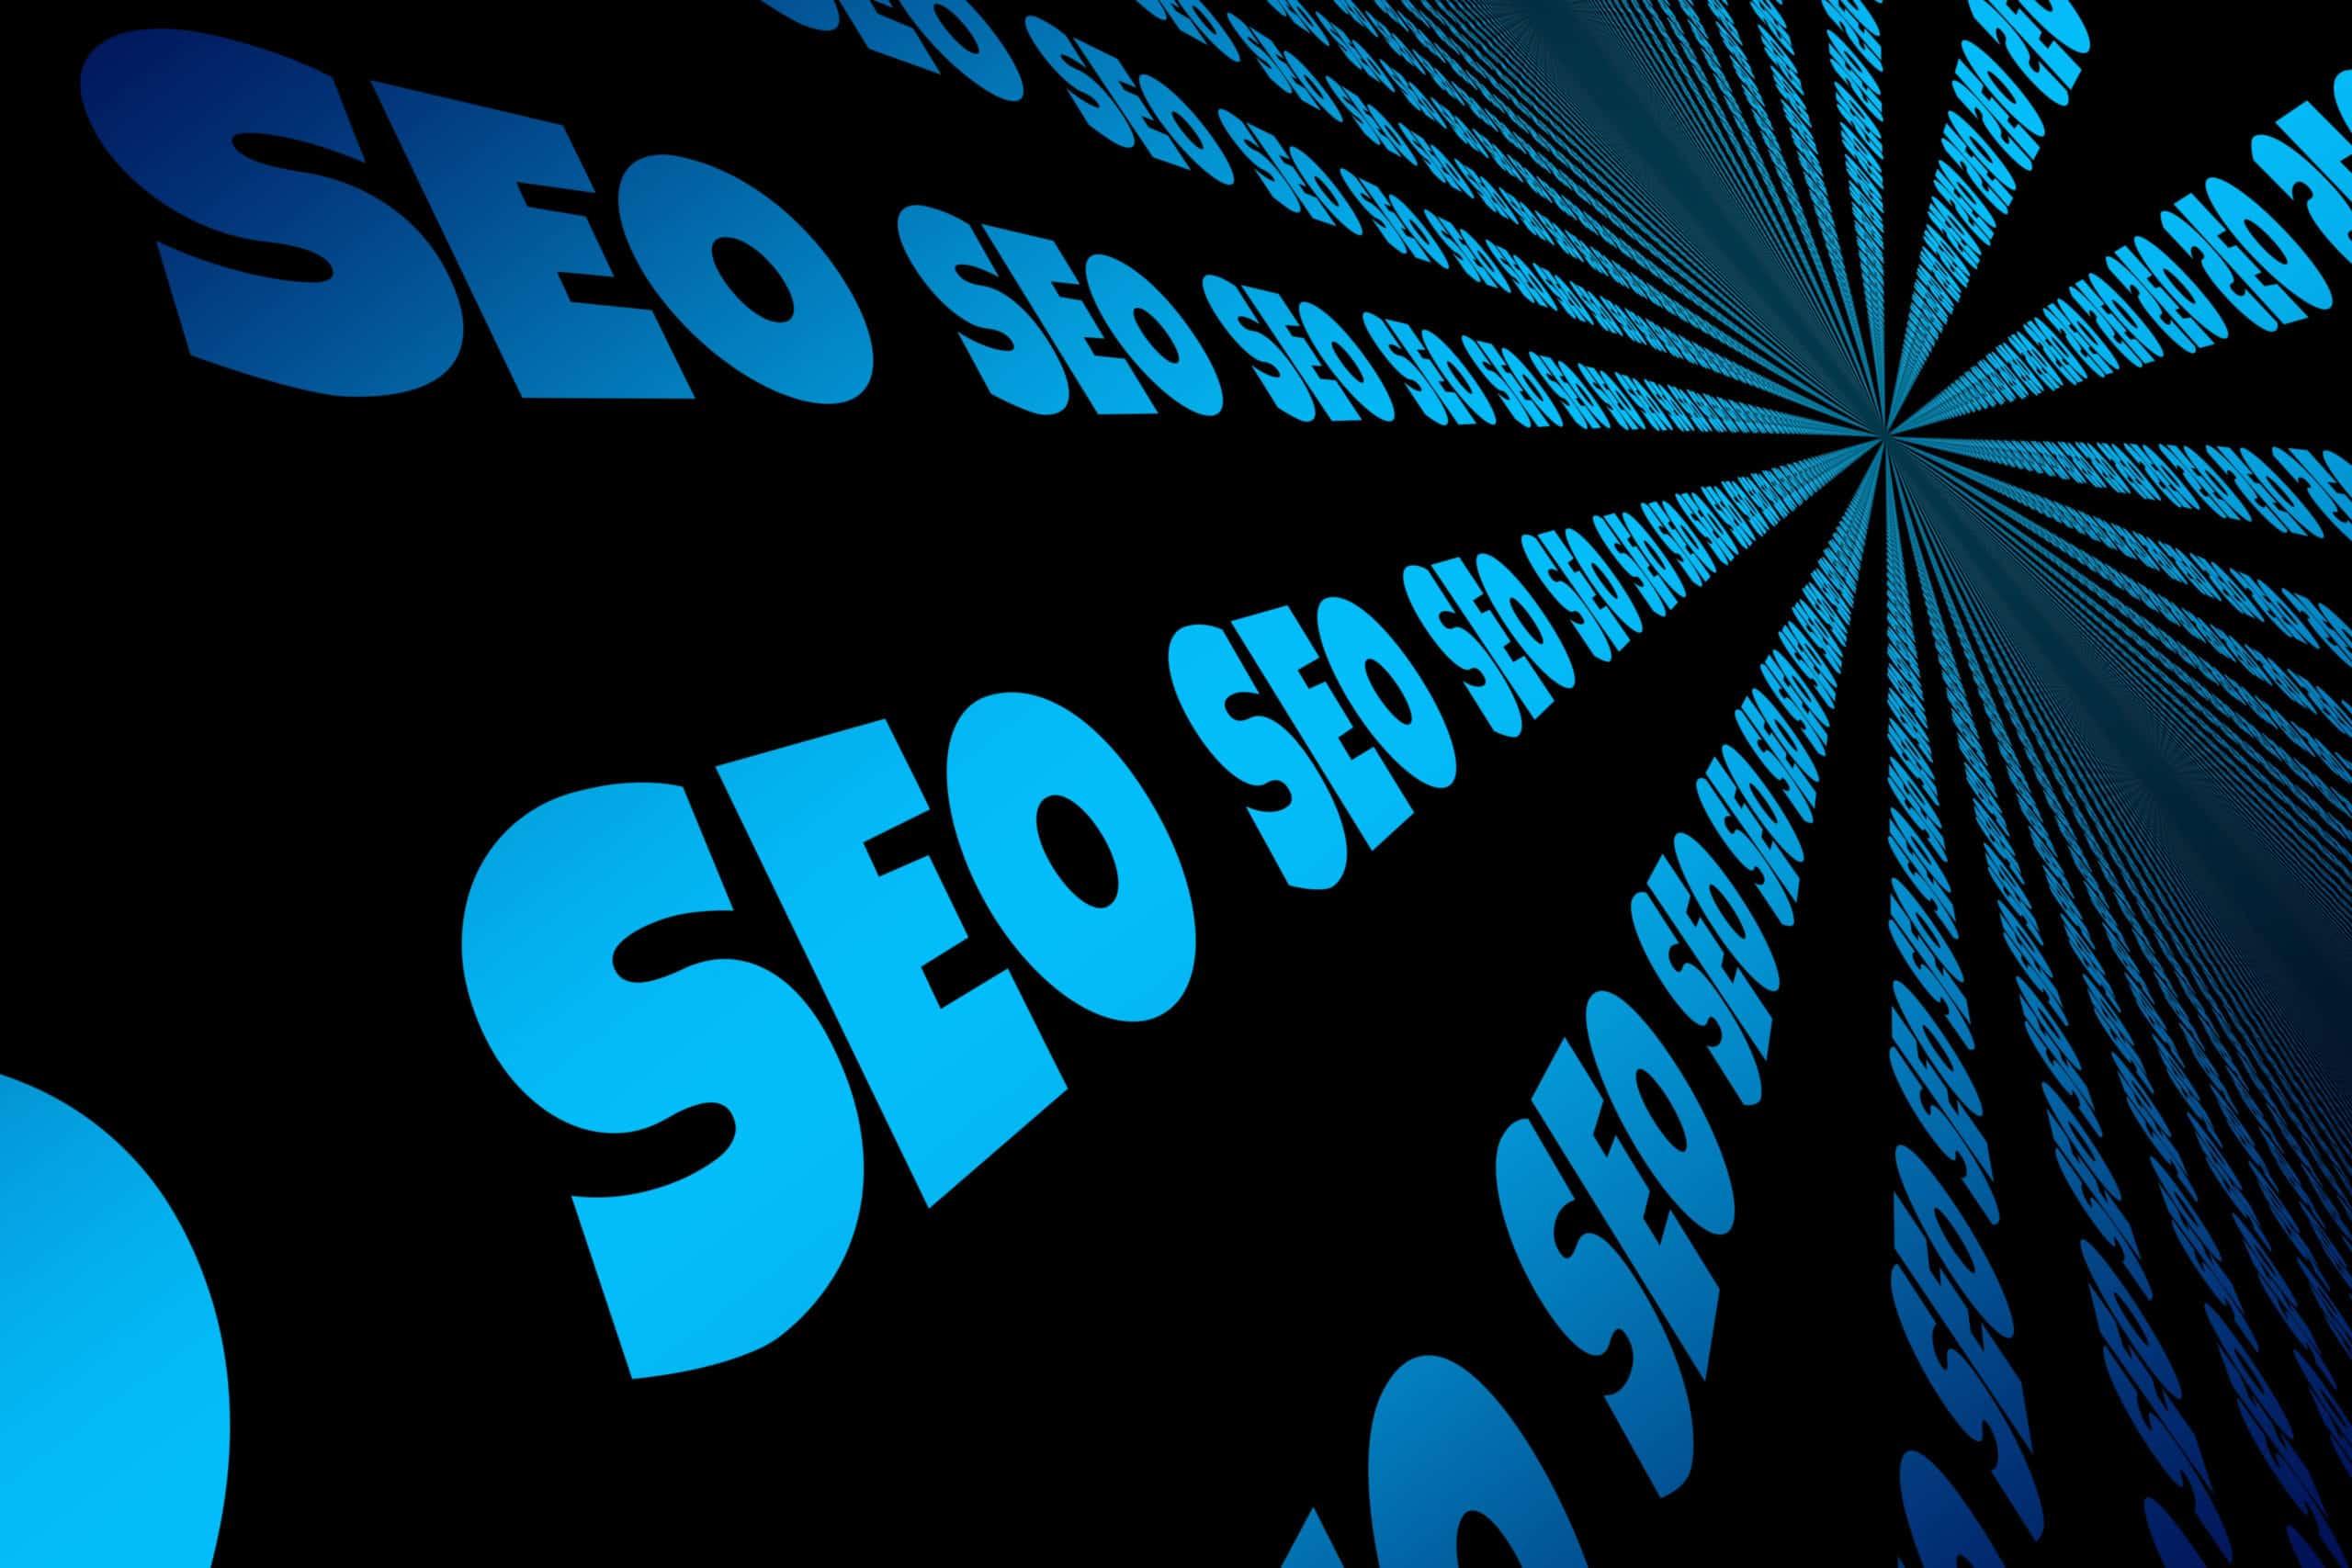 SEO image for Ajaye Digital